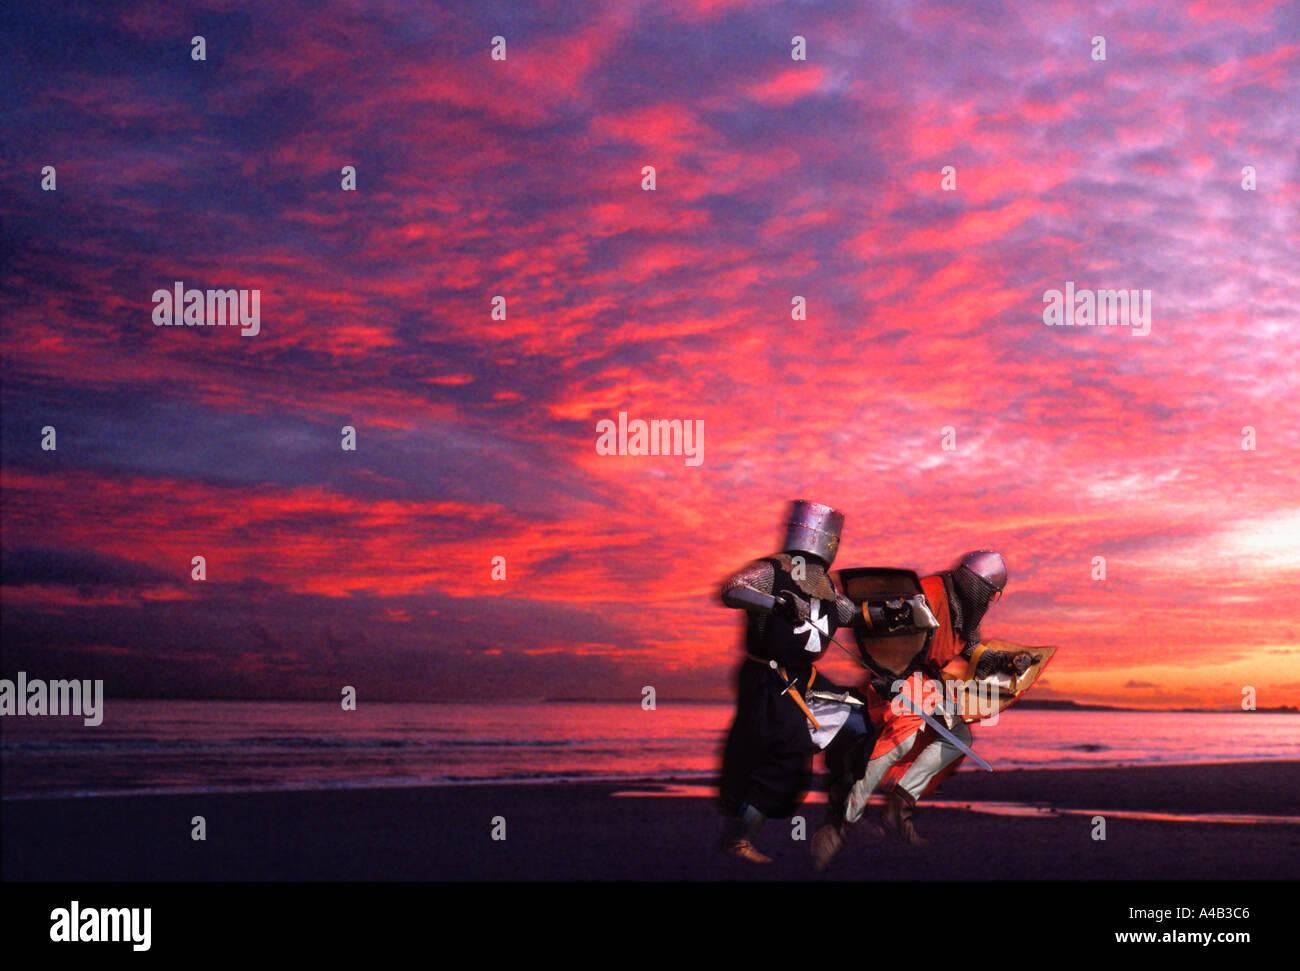 Cavalieri dual. Drammatica battaglia lotta sulla spiaggia con il sangue rosso tramonto. Per solo uso editoriale. Immagini Stock